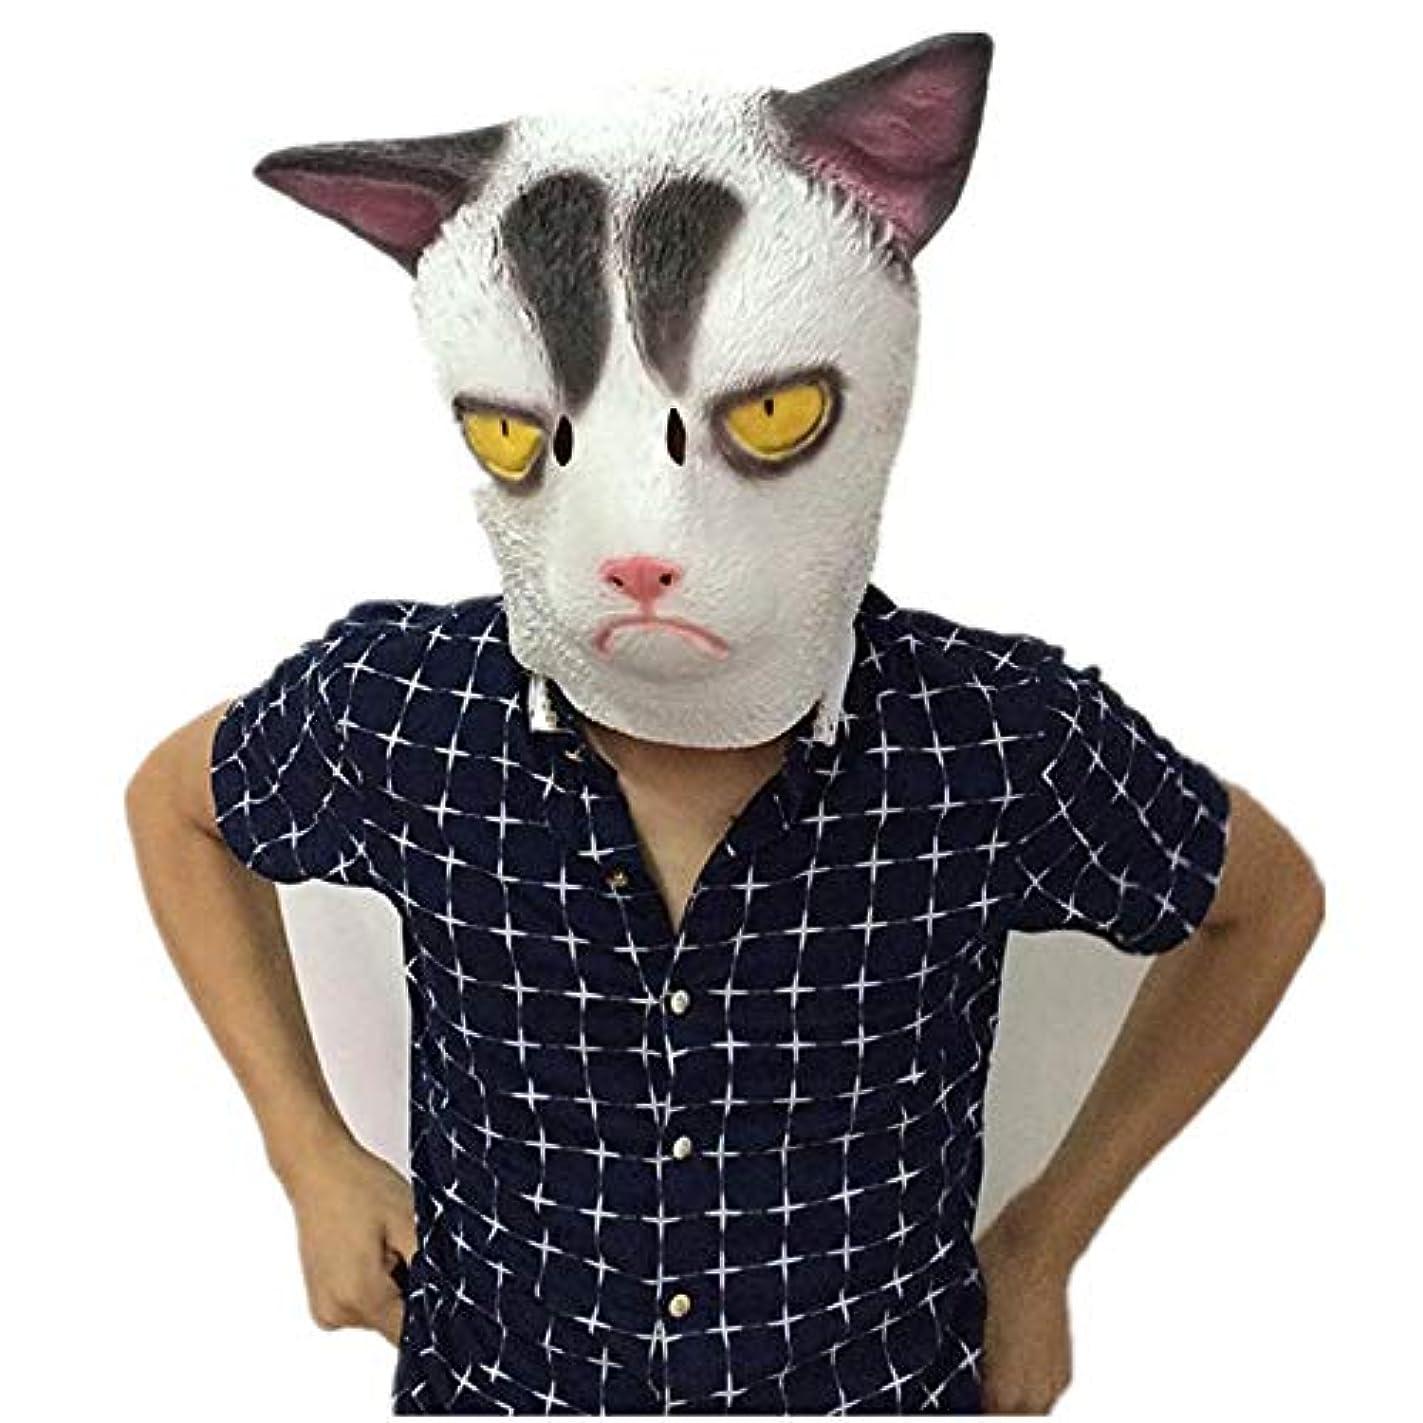 荒れ地休み寄託ハロウィーン彗星マンヘッドカバーアニマルマスク猫は不幸な猫妖精怒っている猫マスクのマスク